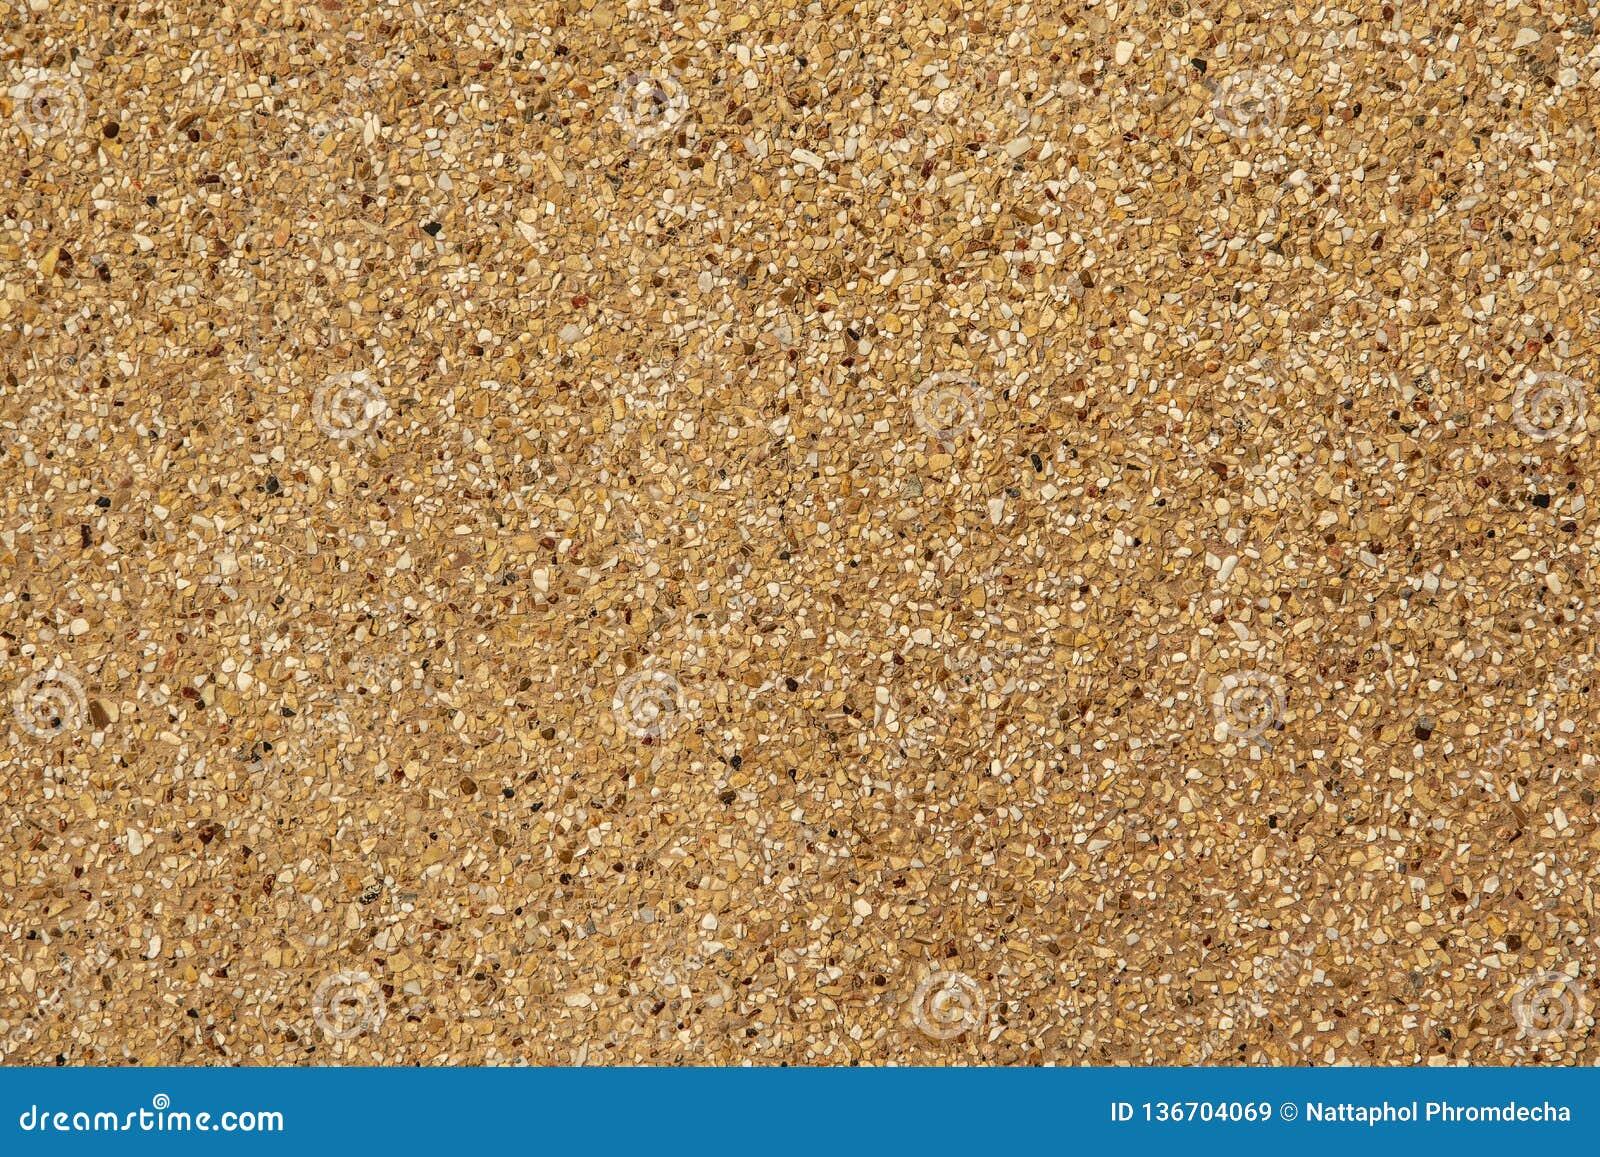 Herausgestelltes gesamtes Ende Gewaschener Sand Beschaffenheit und Hintergrund